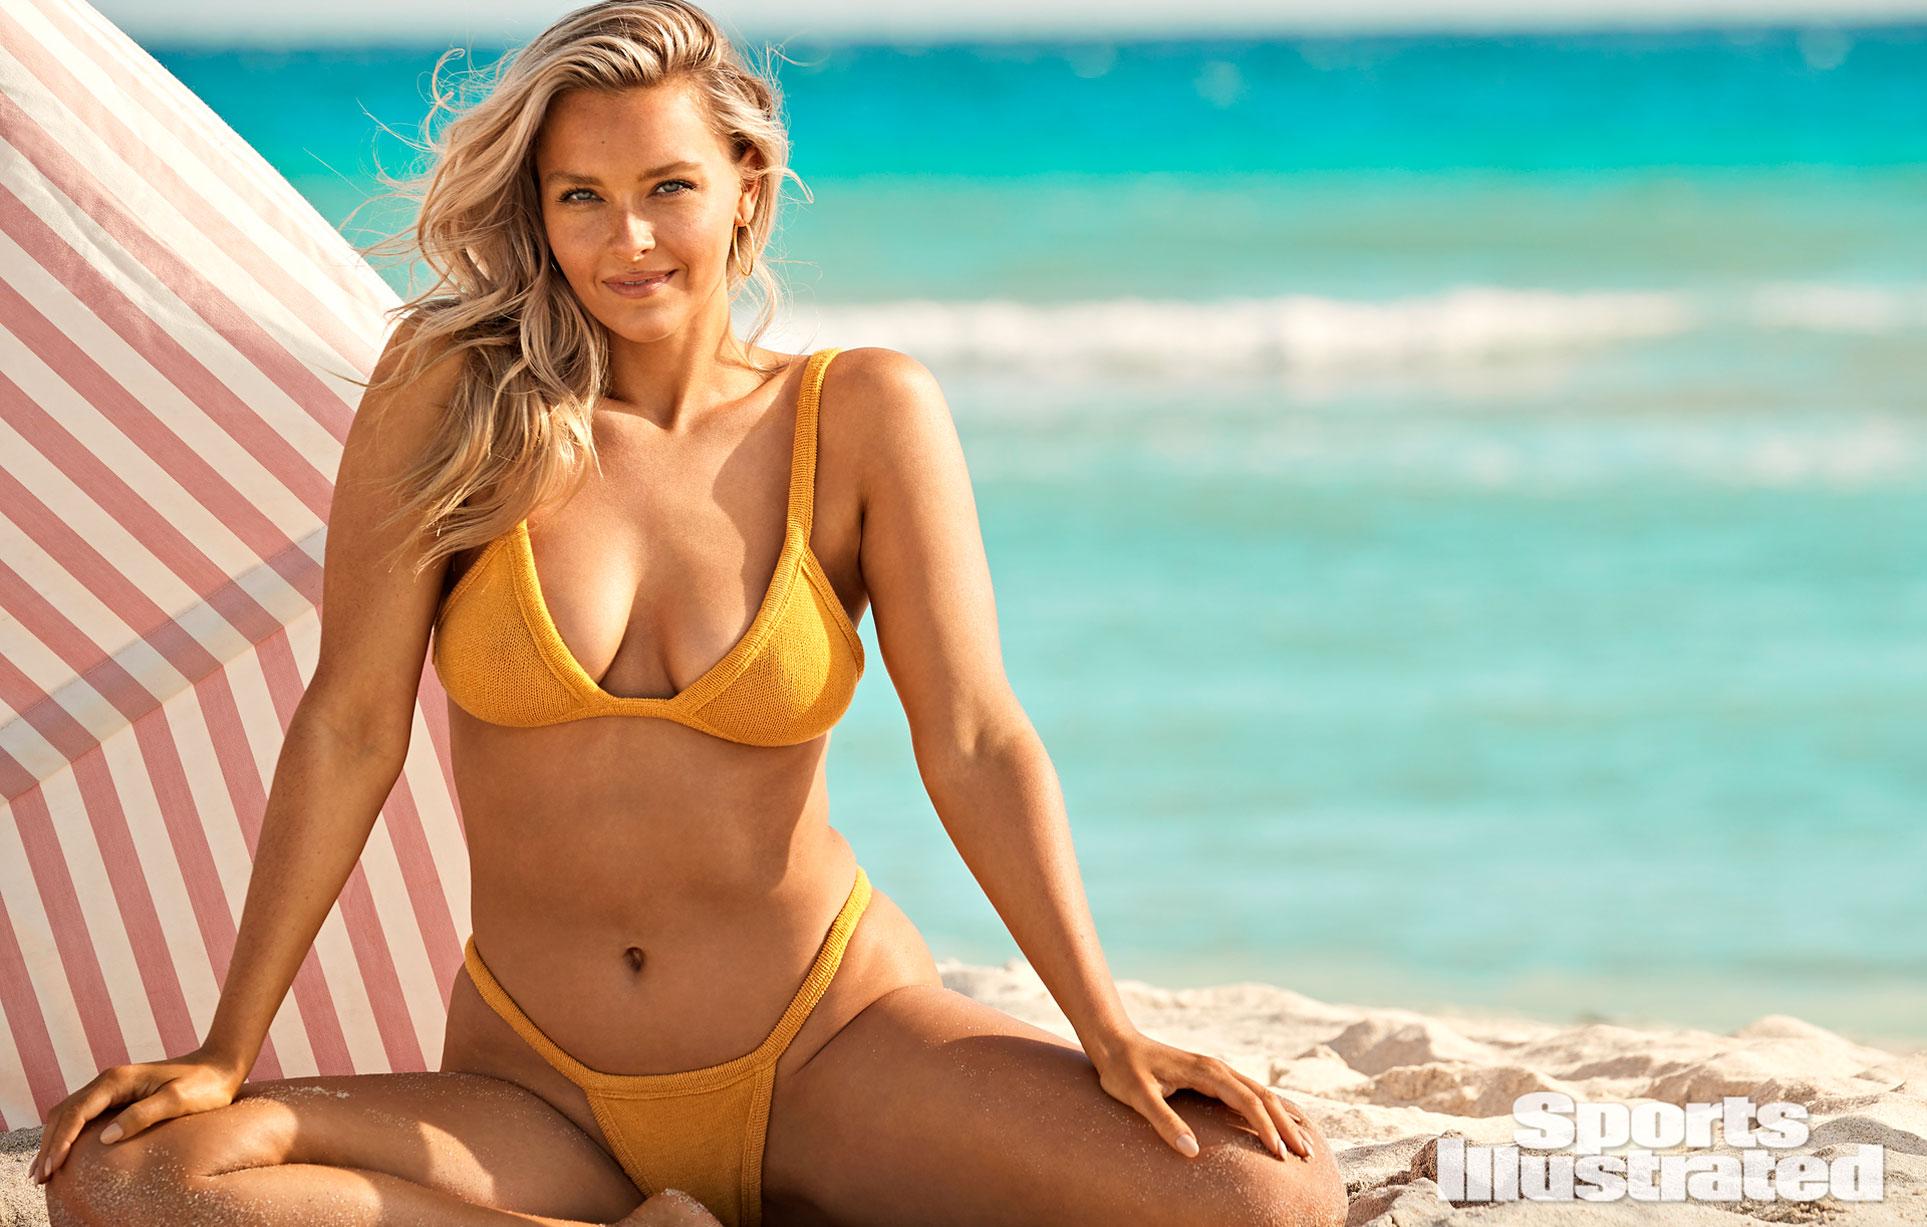 Камилль Костек в каталоге купальников Sports Illustrated Swimsuit 2021 / фото 13